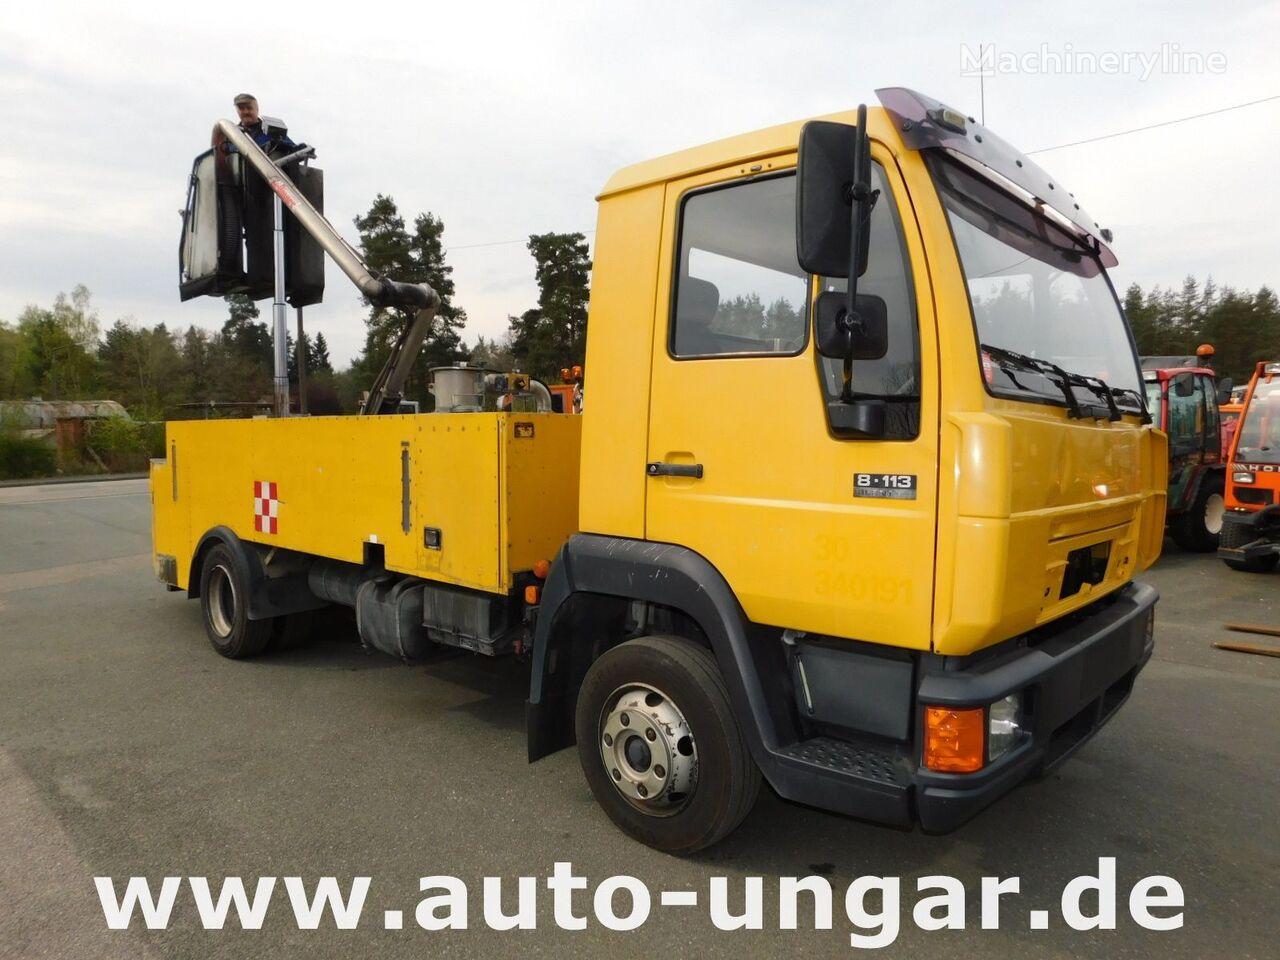 المعدات الأخرى الخاصة بتشغيل المطارات MAN 8.113 Zellinger S85